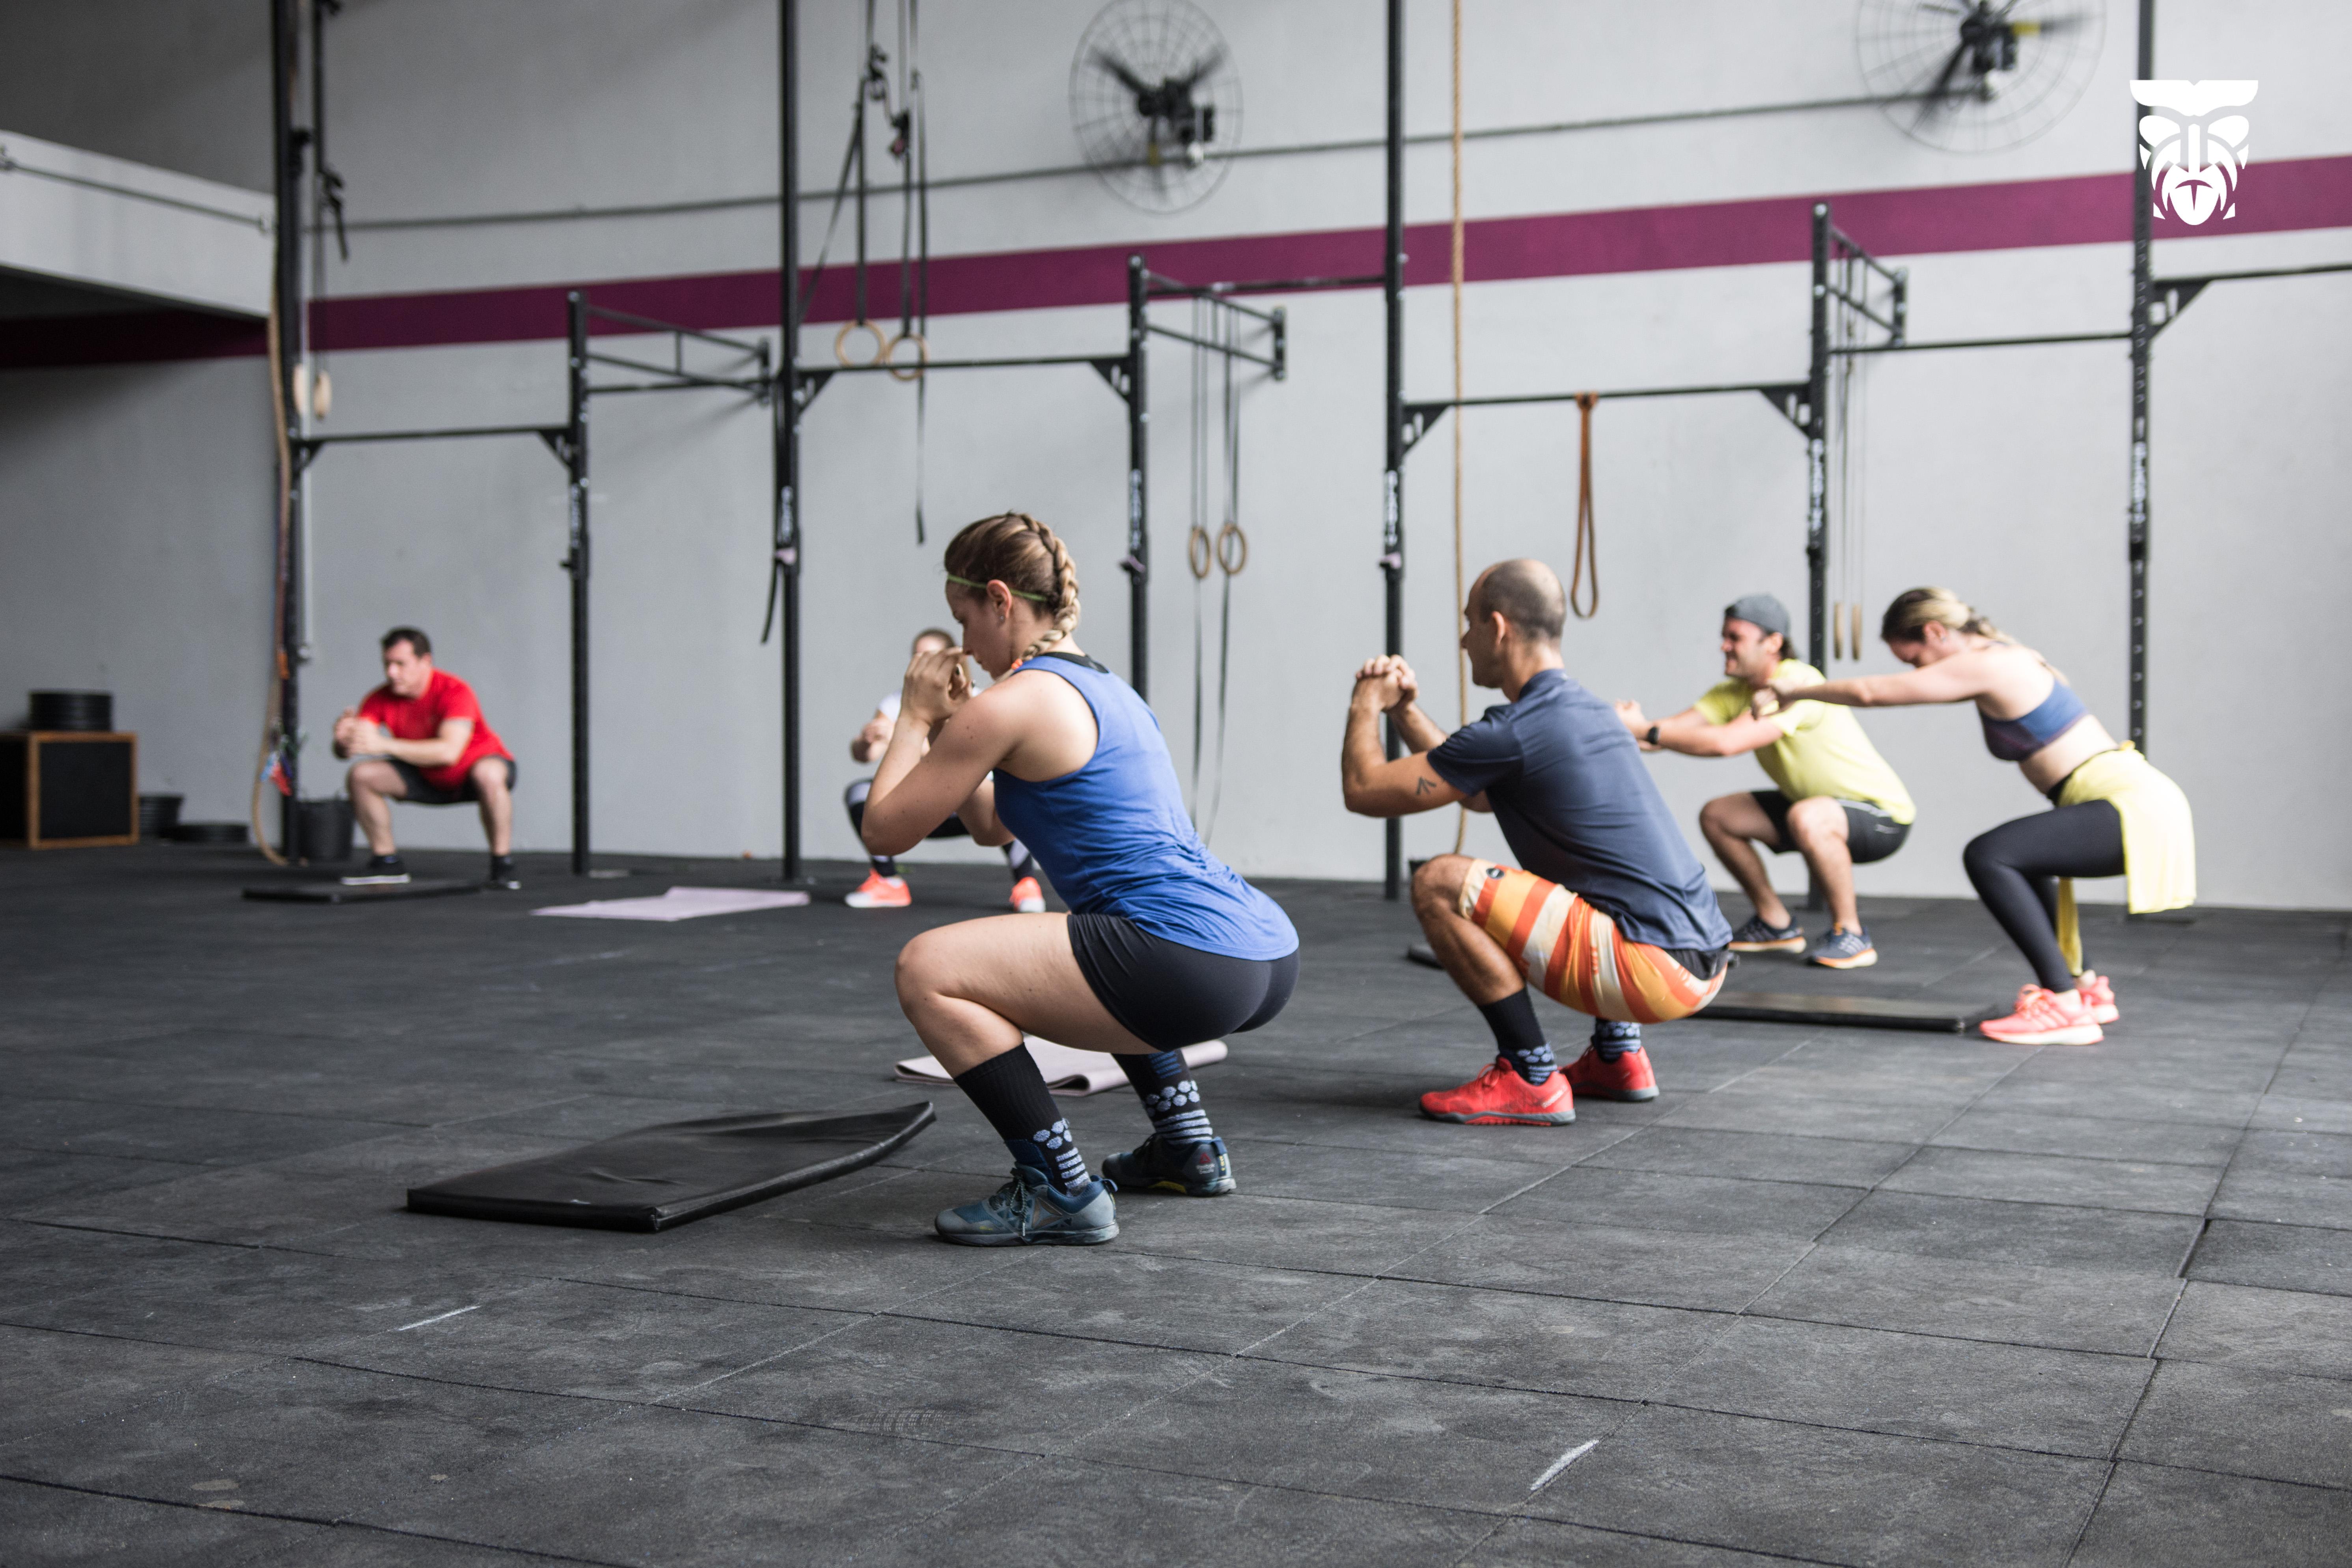 Aula de CrossFit no box de Desirée Sena (foto: Arquivo pessoal)